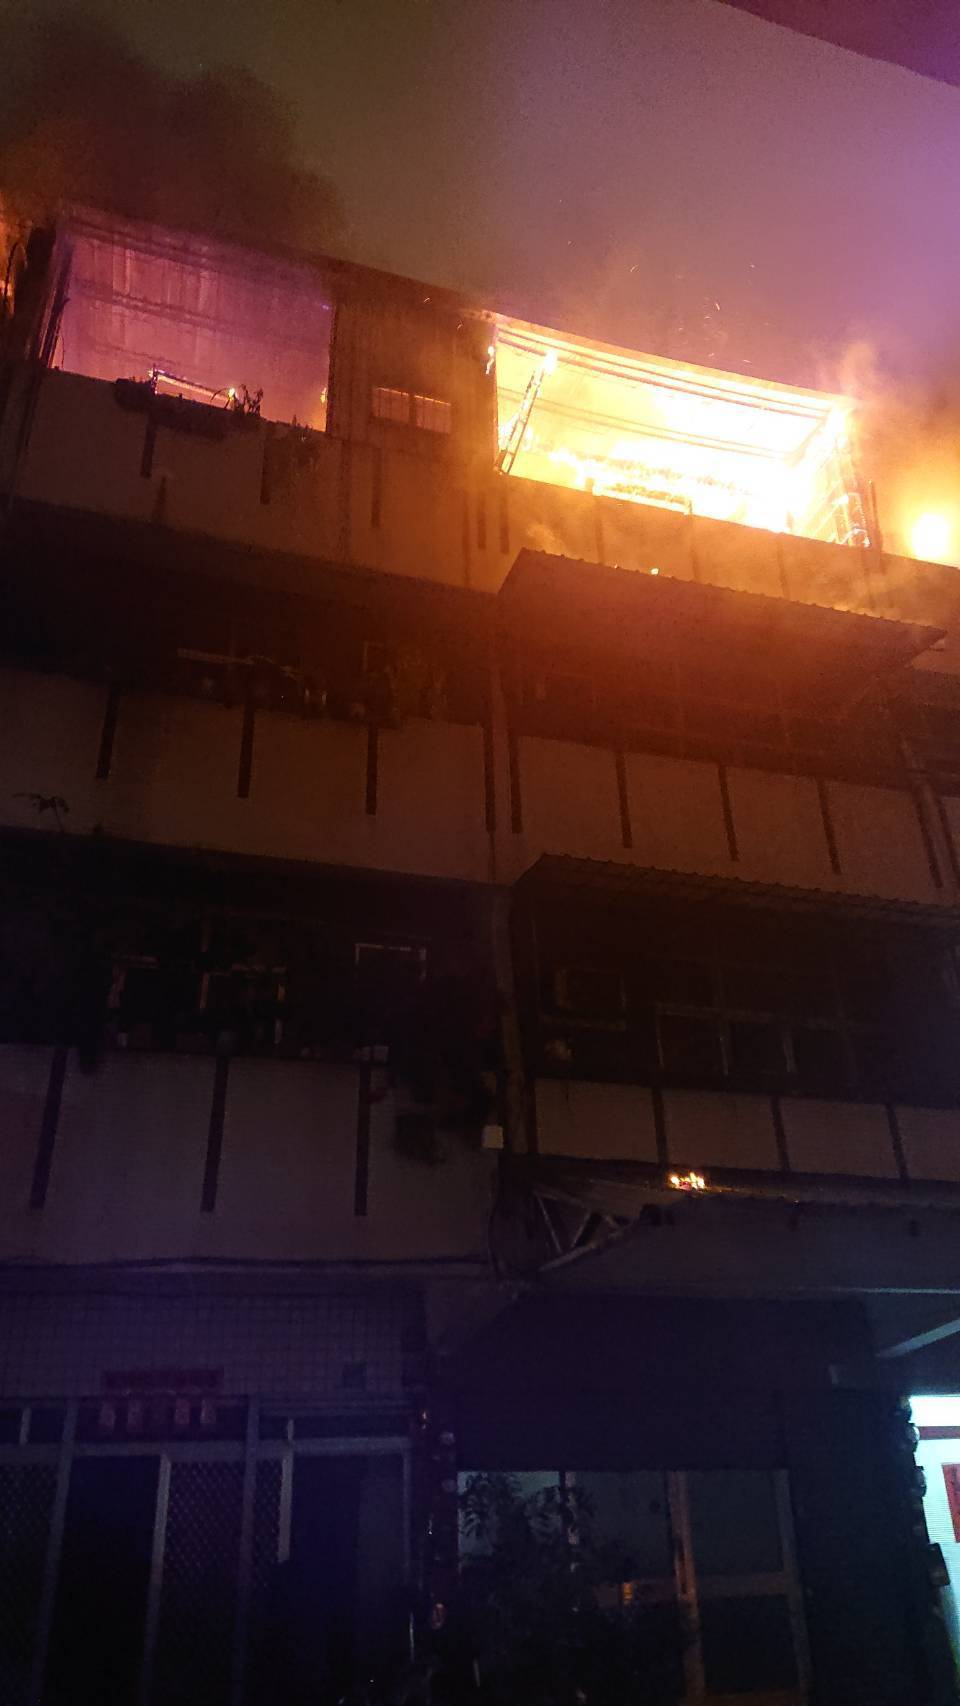 火势很快延烧4间加盖,消防人员布线出水入内灌救,所幸无人受困受伤,火势约30分钟...